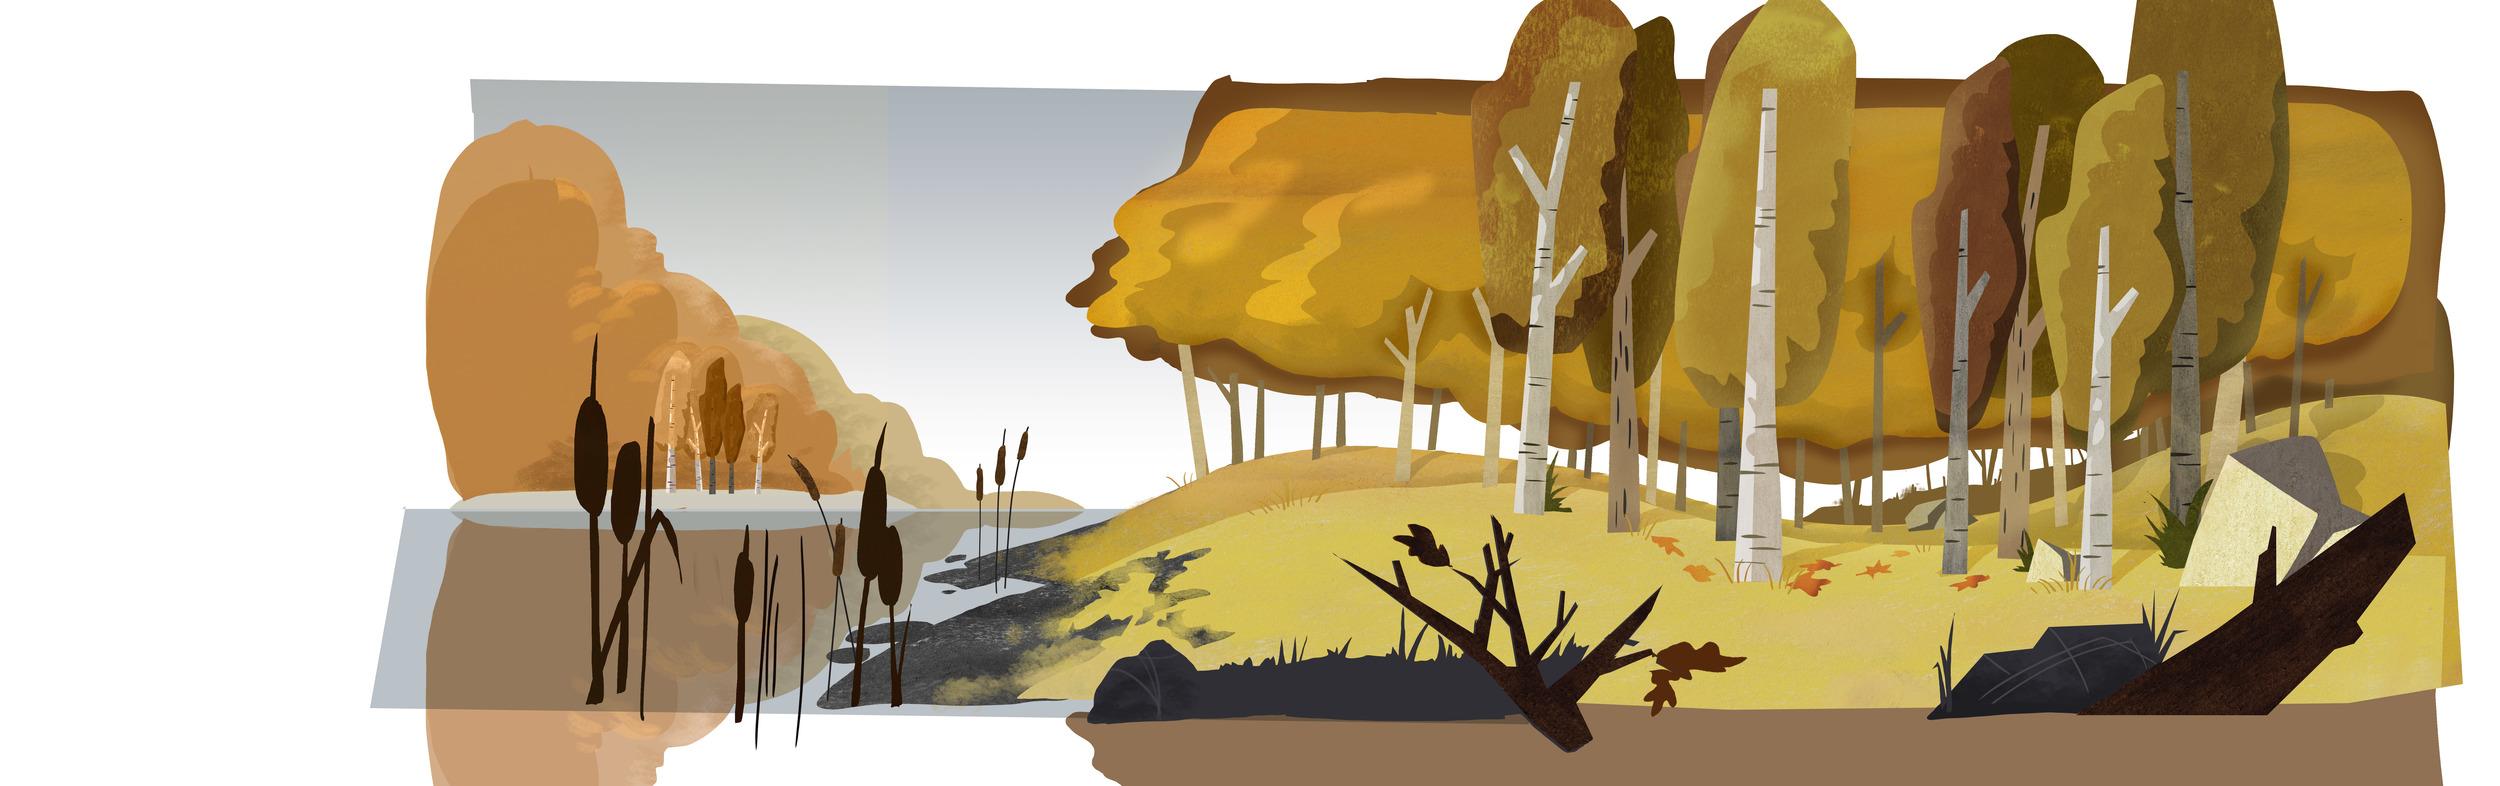 Fall_Sc02_forestpan_final.jpg